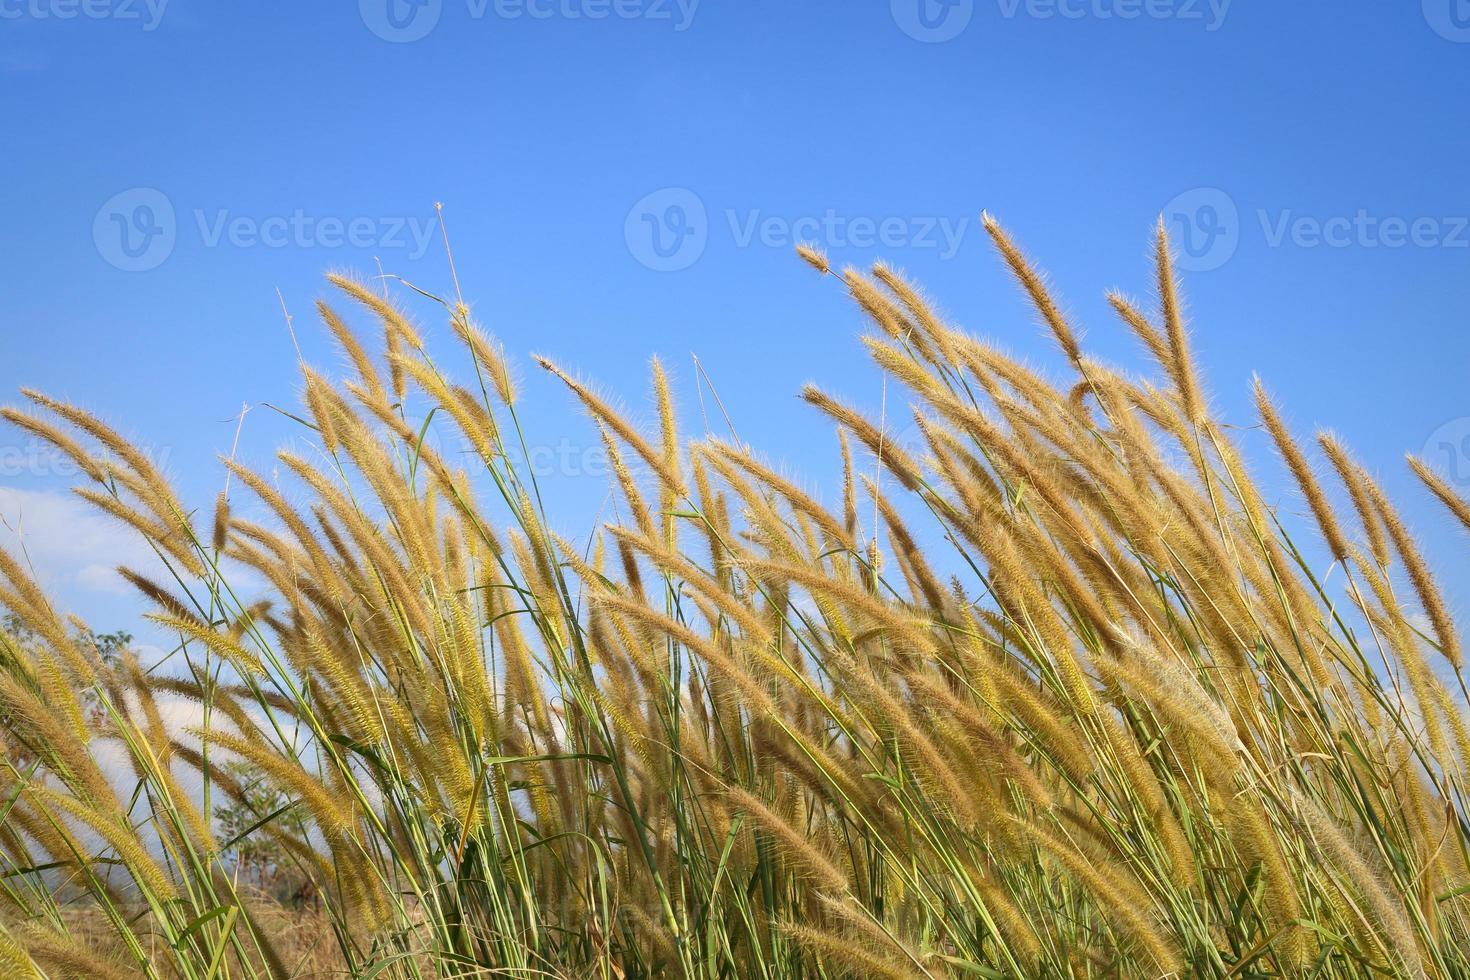 canne d'erba sotto il cielo blu foto